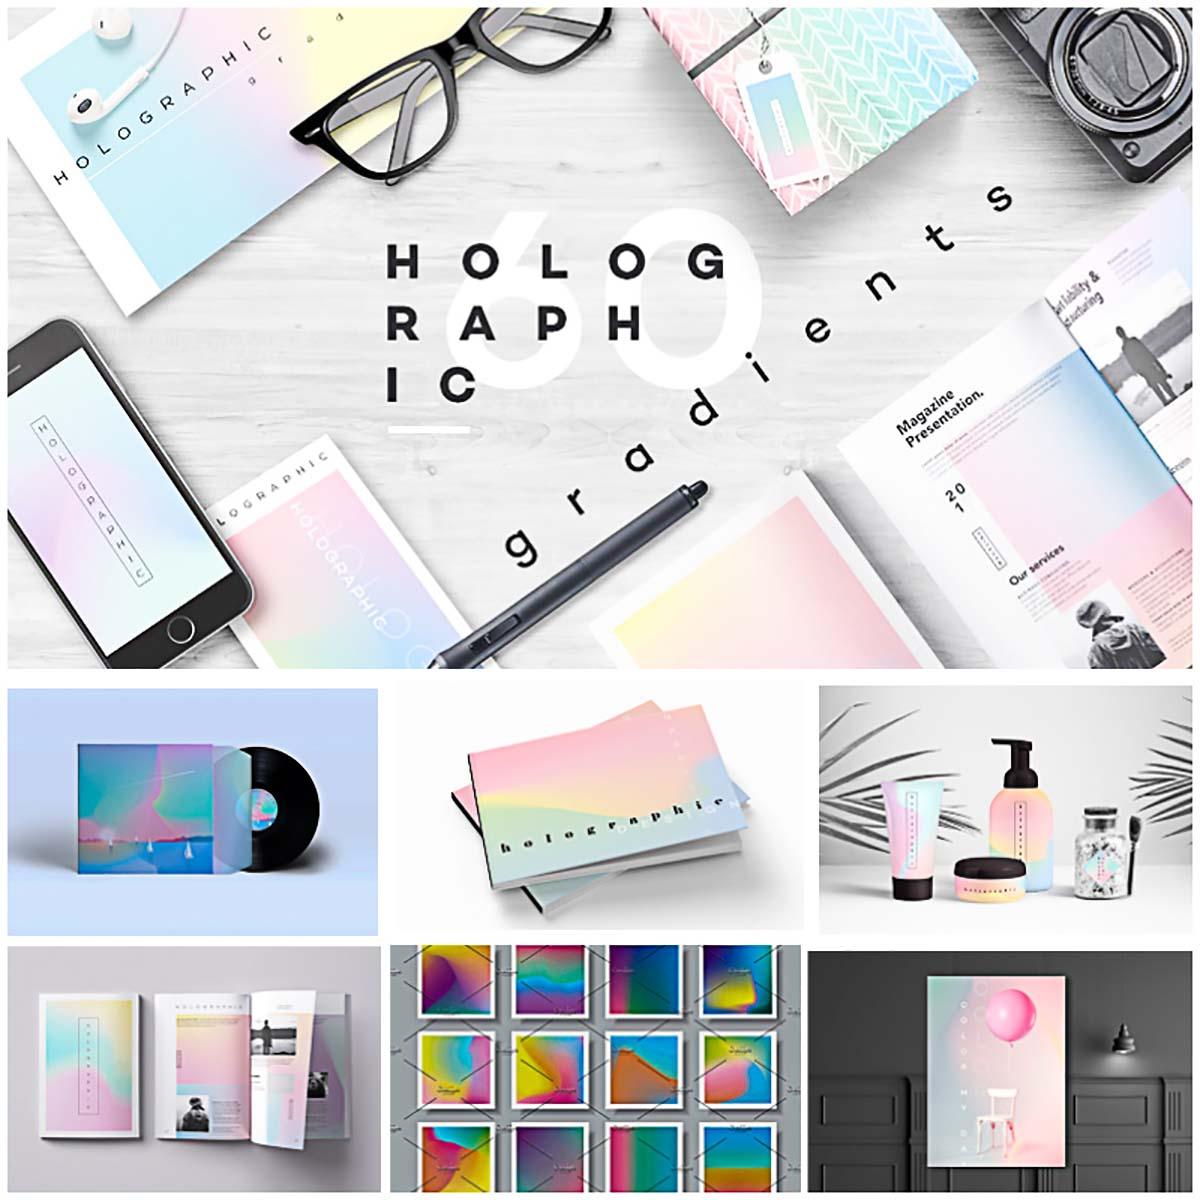 Holographic gradient